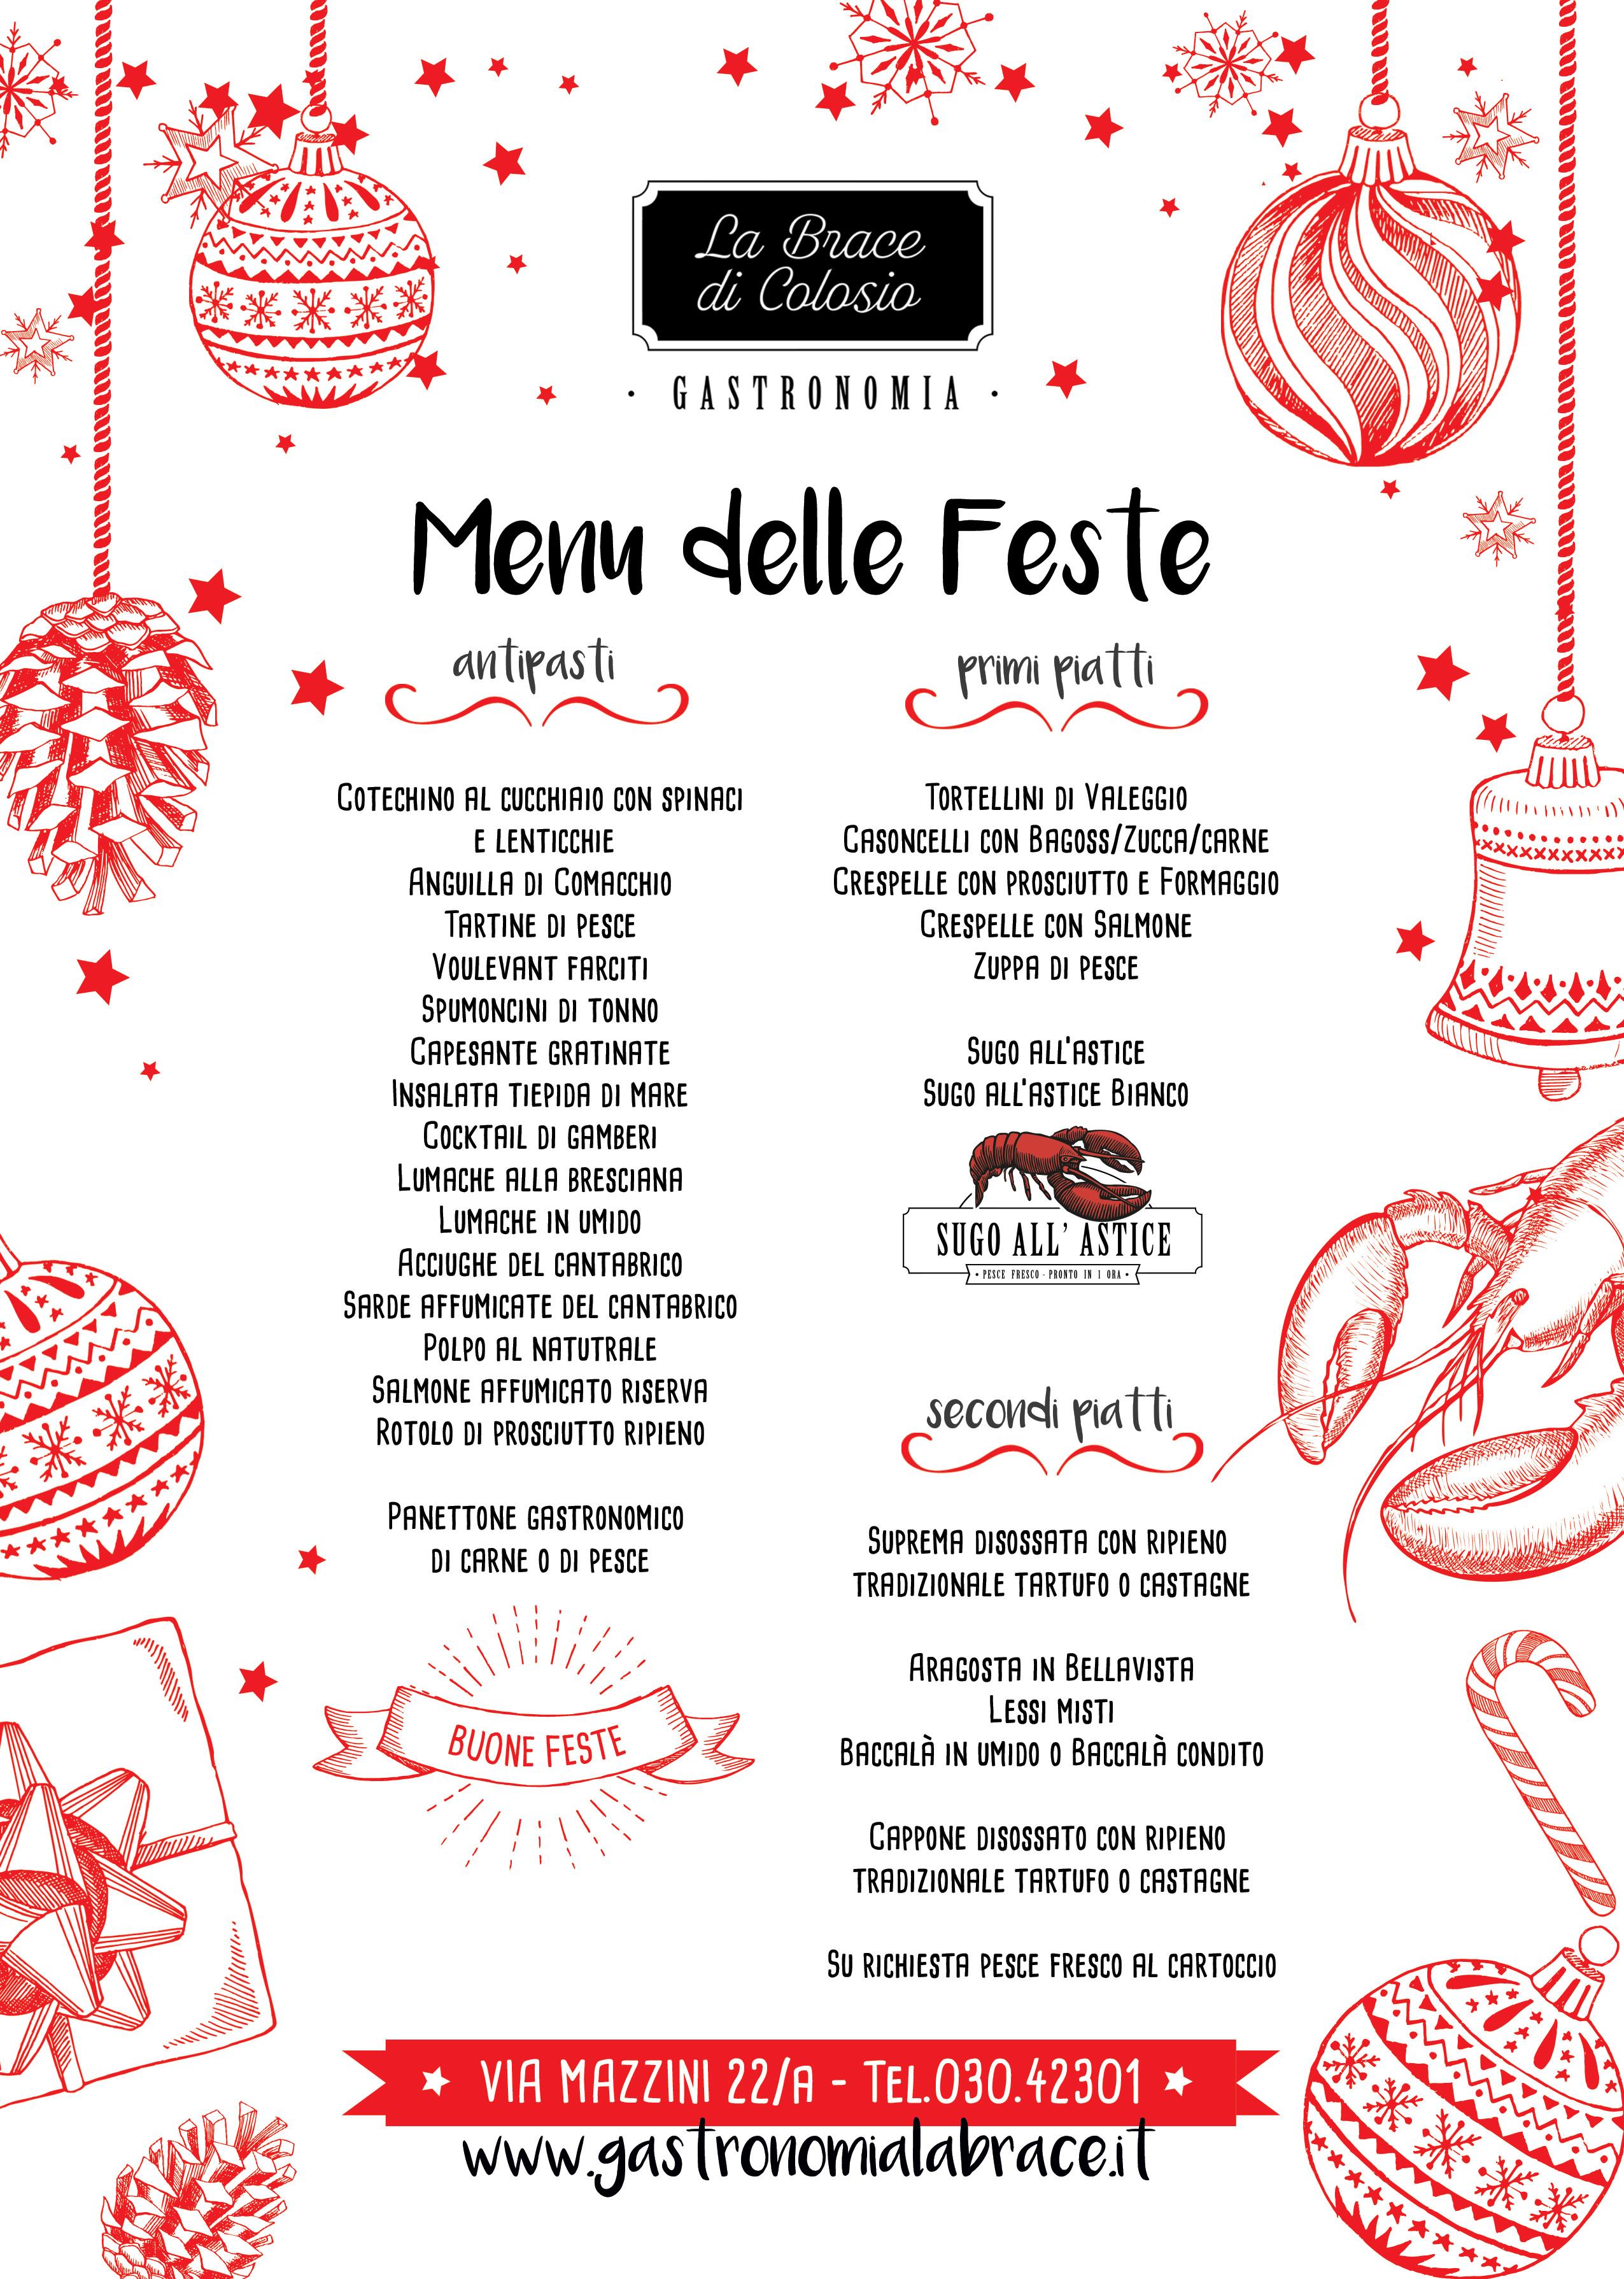 Menu Per Le Feste Di Natale.Gastronomia La Brace Di Colosio Menu Di Natale 2018